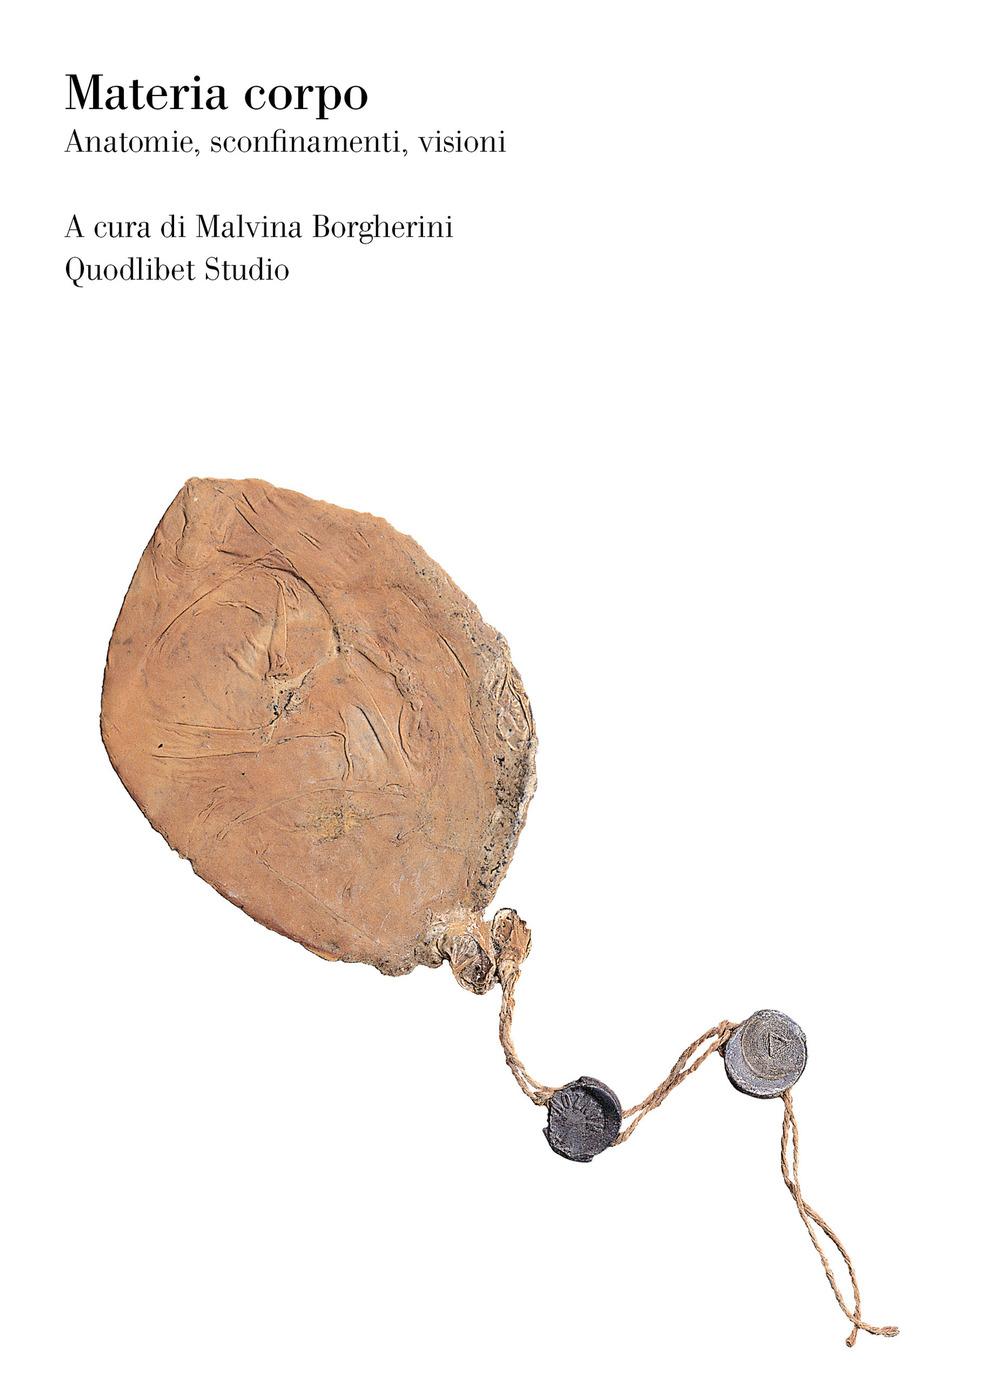 MATERIA CORPO. ANATOMIE, SCONFINAMENTI, VISIONI - Borgherini Malvina - 9788822903419